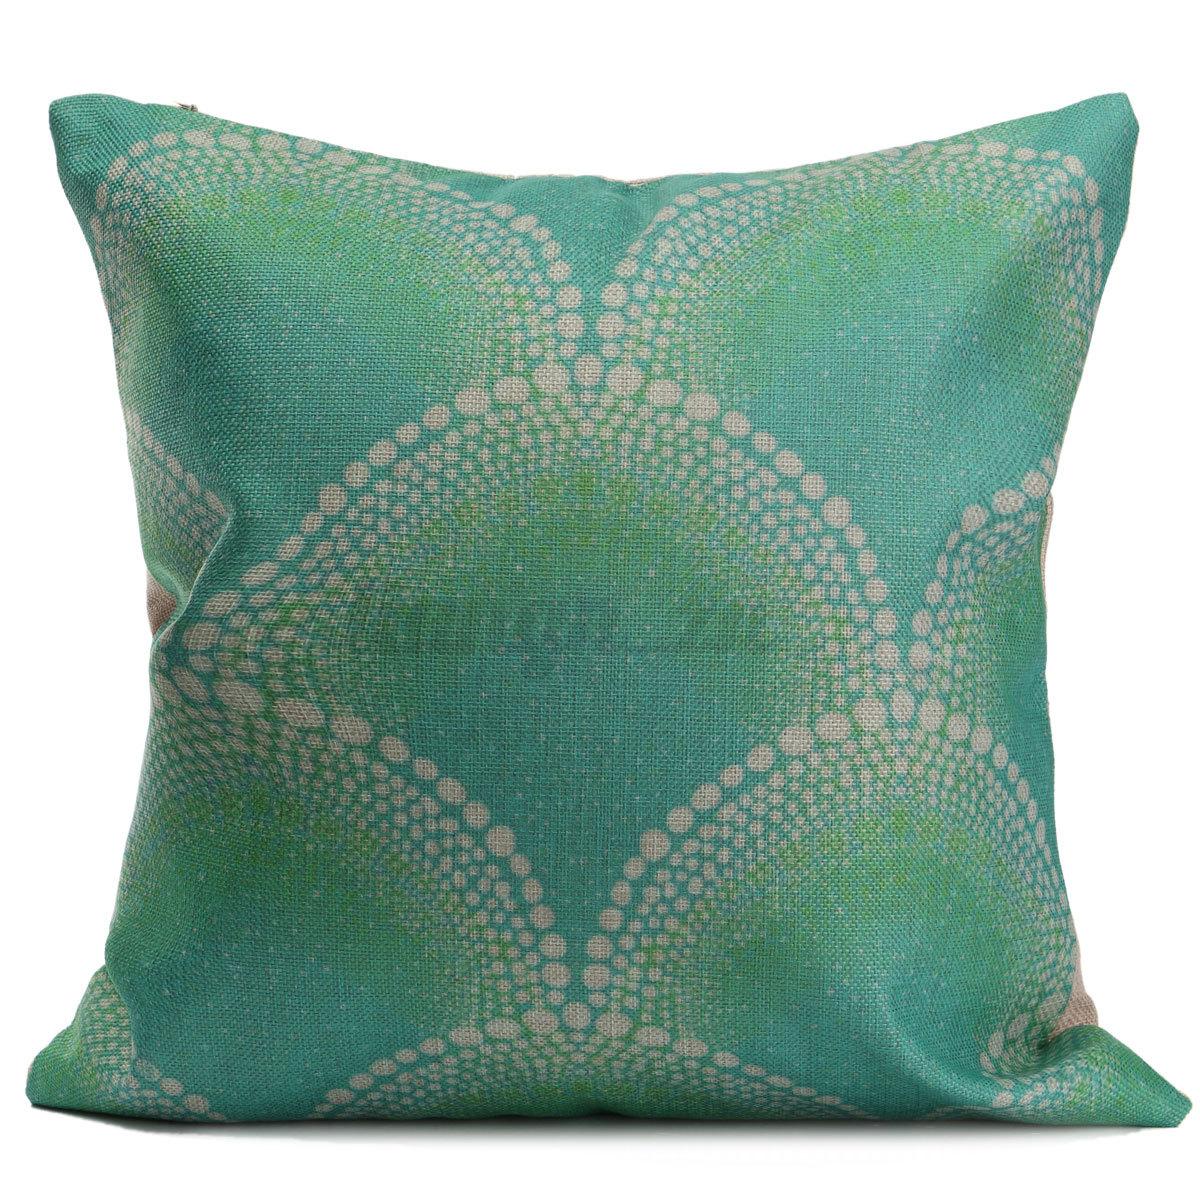 Housse de coussin taie d 39 oreiller maison canap lit pillow for Housse coussin canape